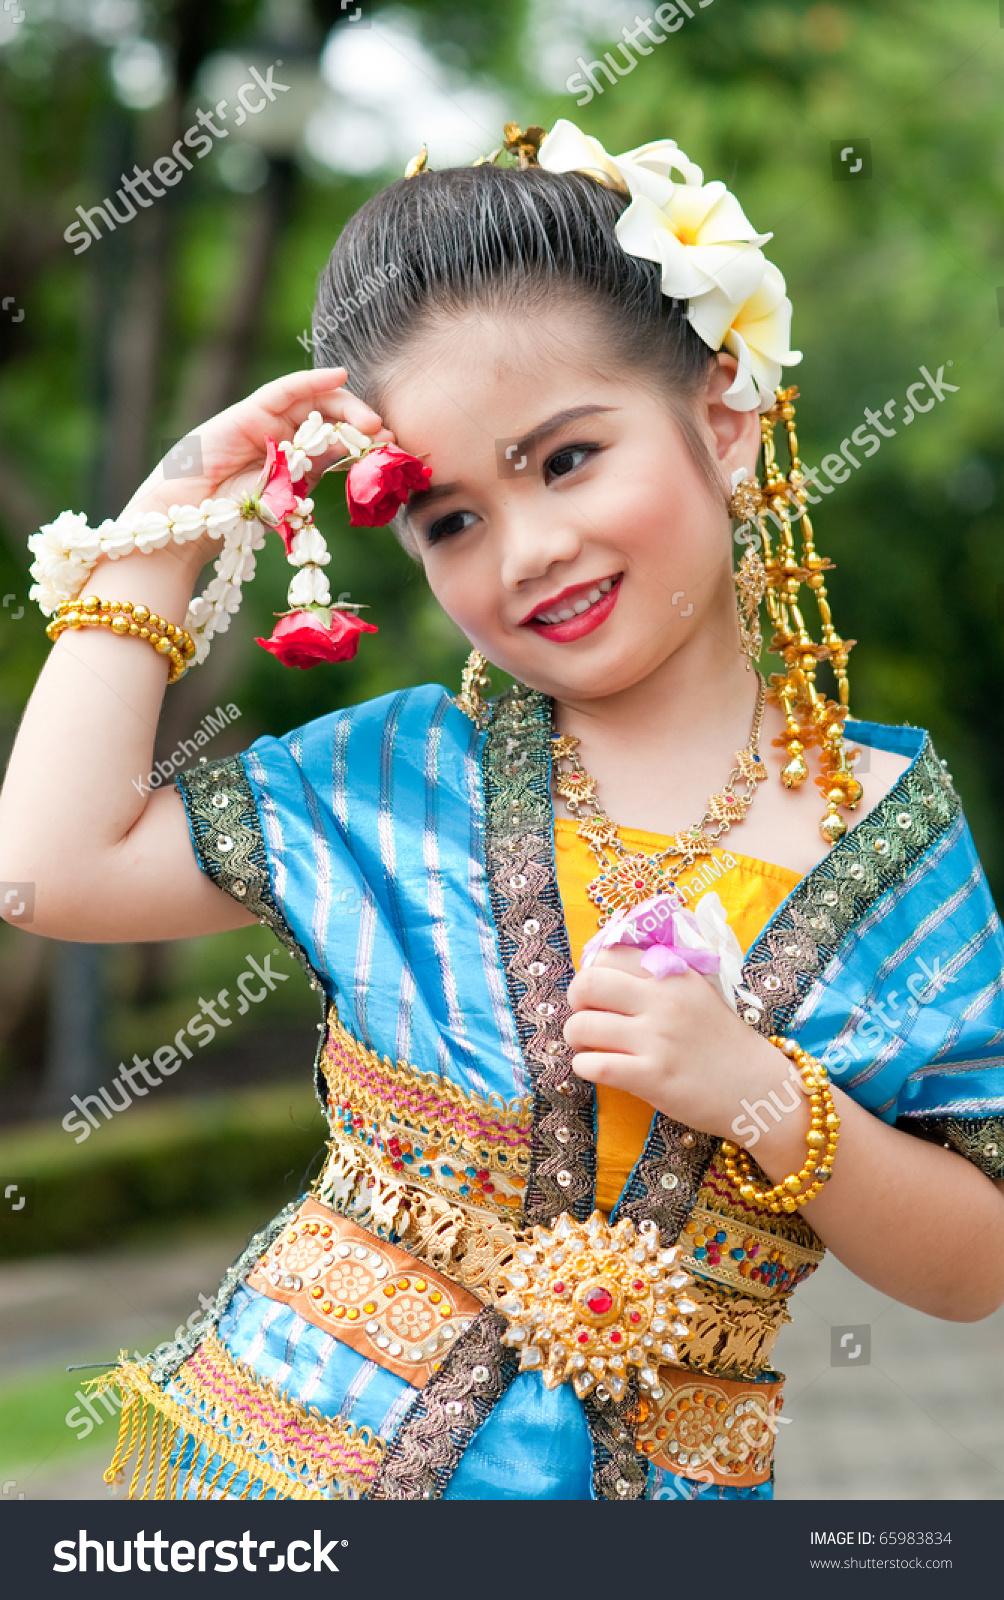 Фото тайских девочек 10 фотография